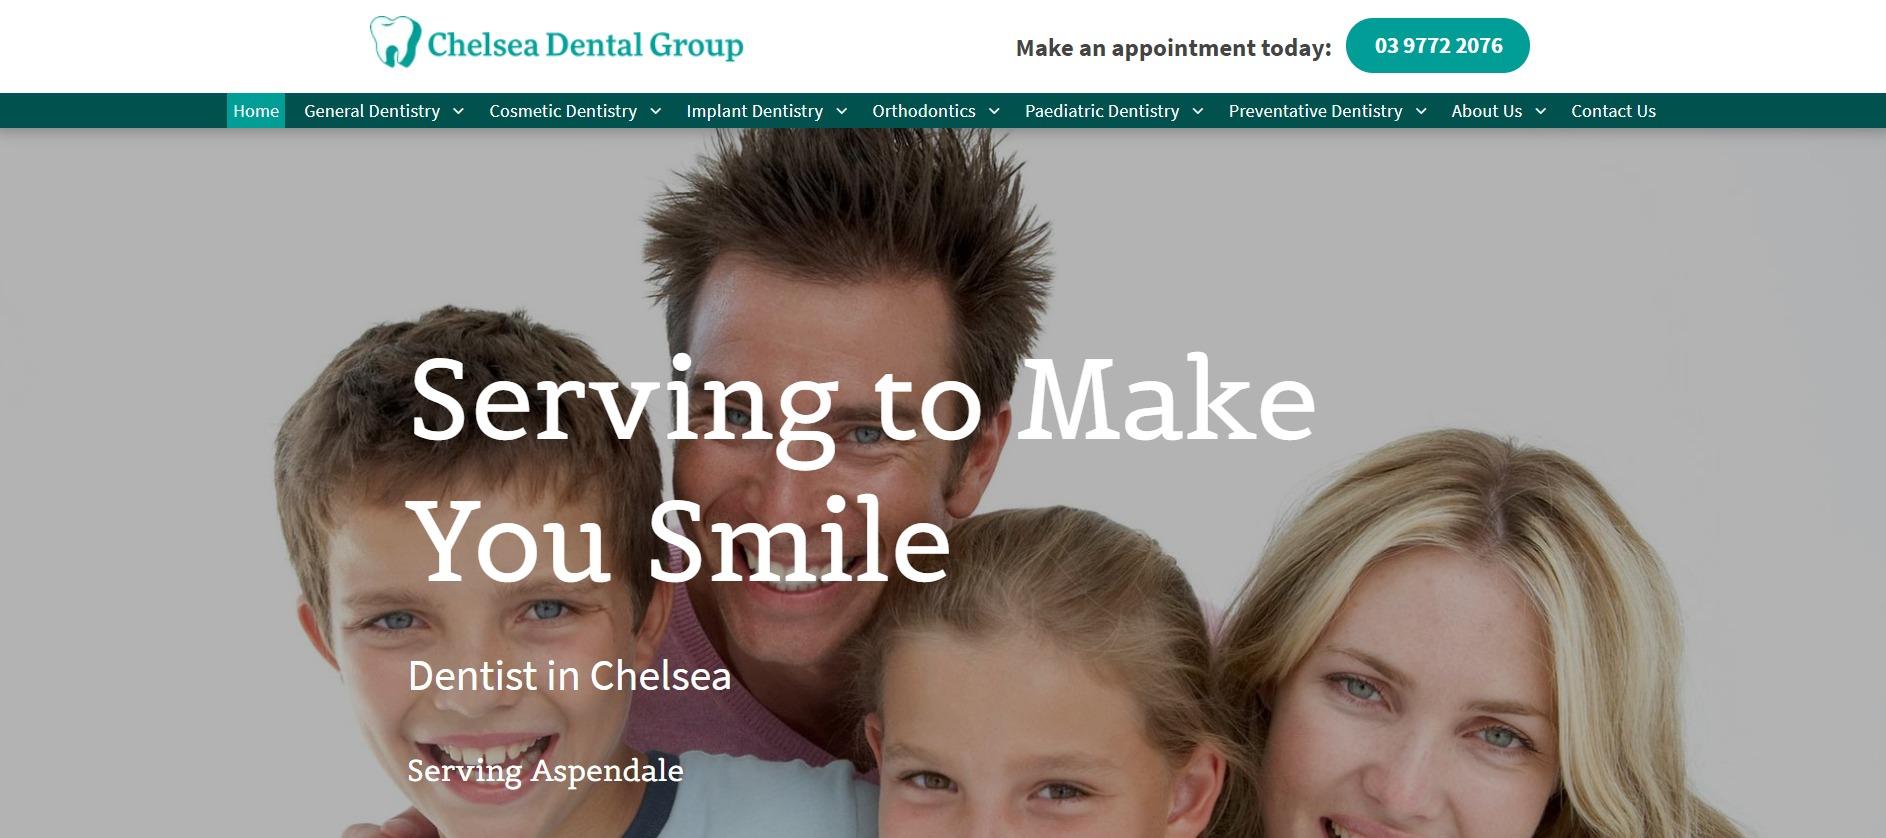 Chelsea Dental Group